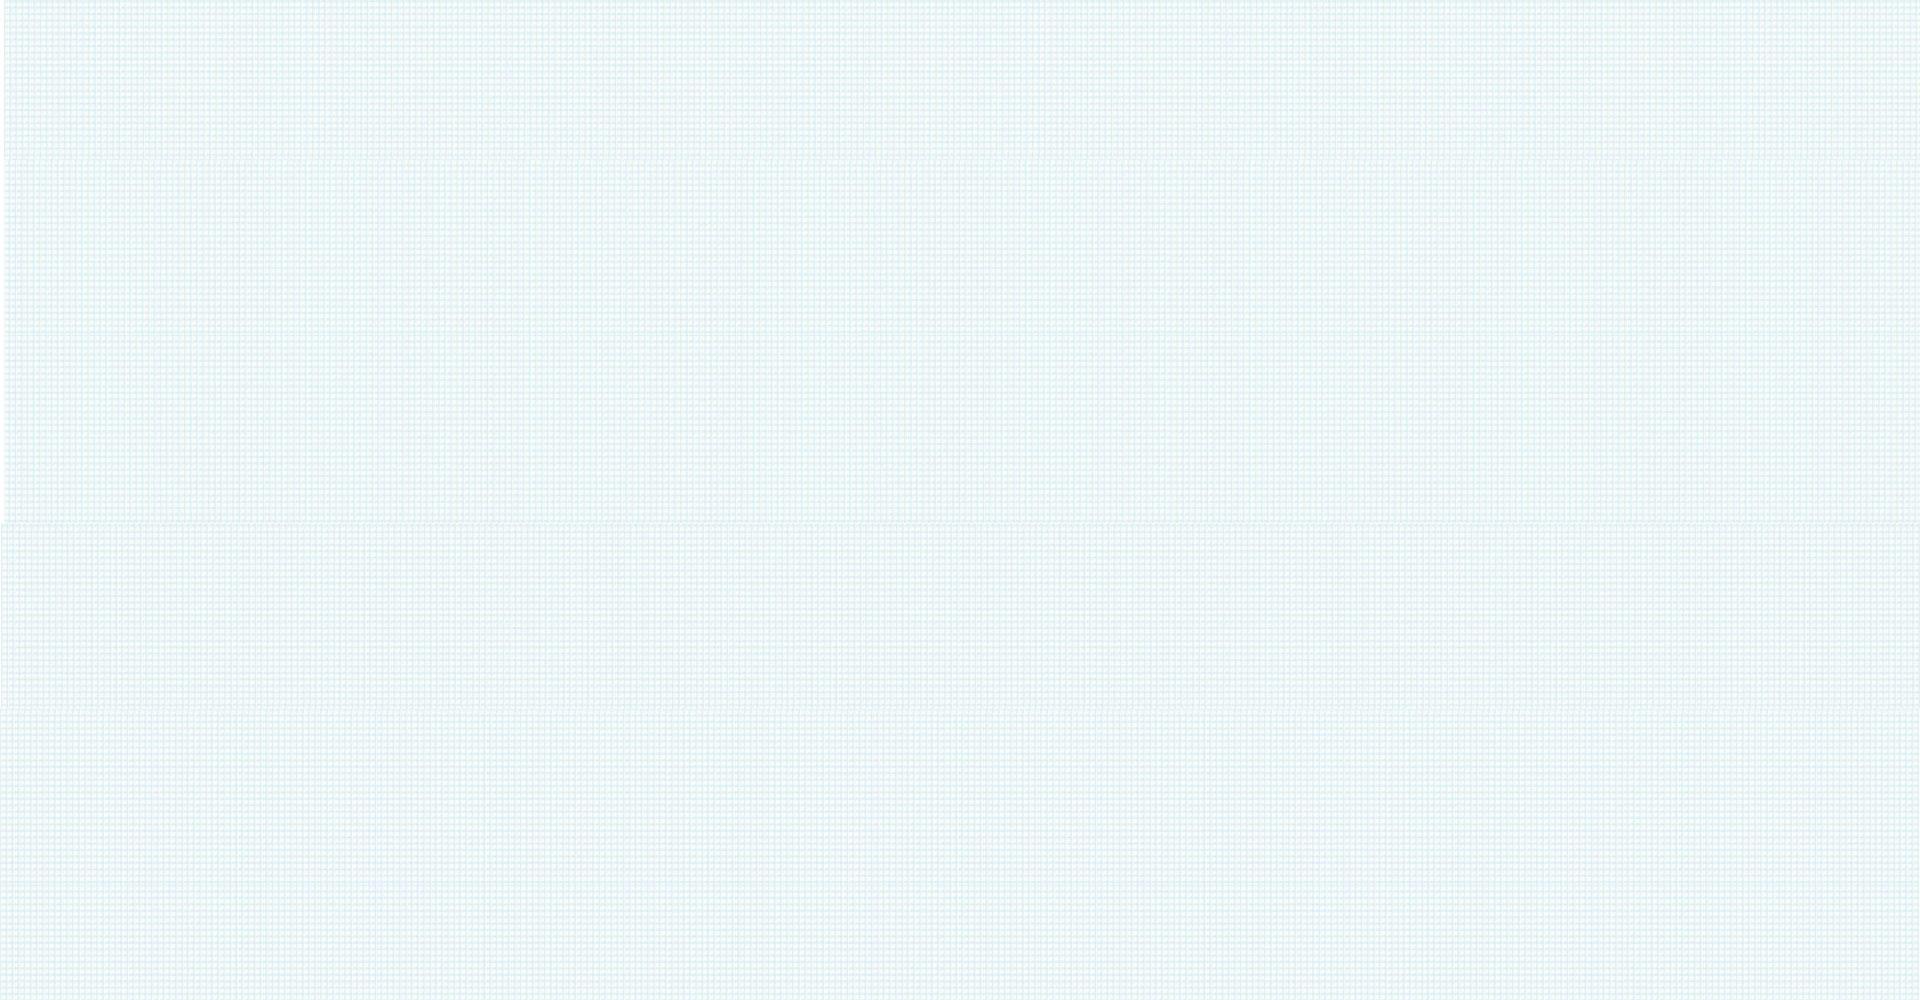 【売れ筋】 【非課税】 パラマウントベッド インタイム1000 キューブ 電動ベッド マットレス付 セミシングル 1+1モーター 電動ベッド INTIME1000 ハリウッド(ホワイトスパークル) キューブ ダークオーク グレイクス INTIME1000 RQ-1131MC + RB-ZA100G:B99, 野迫川村:be3fd096 --- energyscandinavia.eu